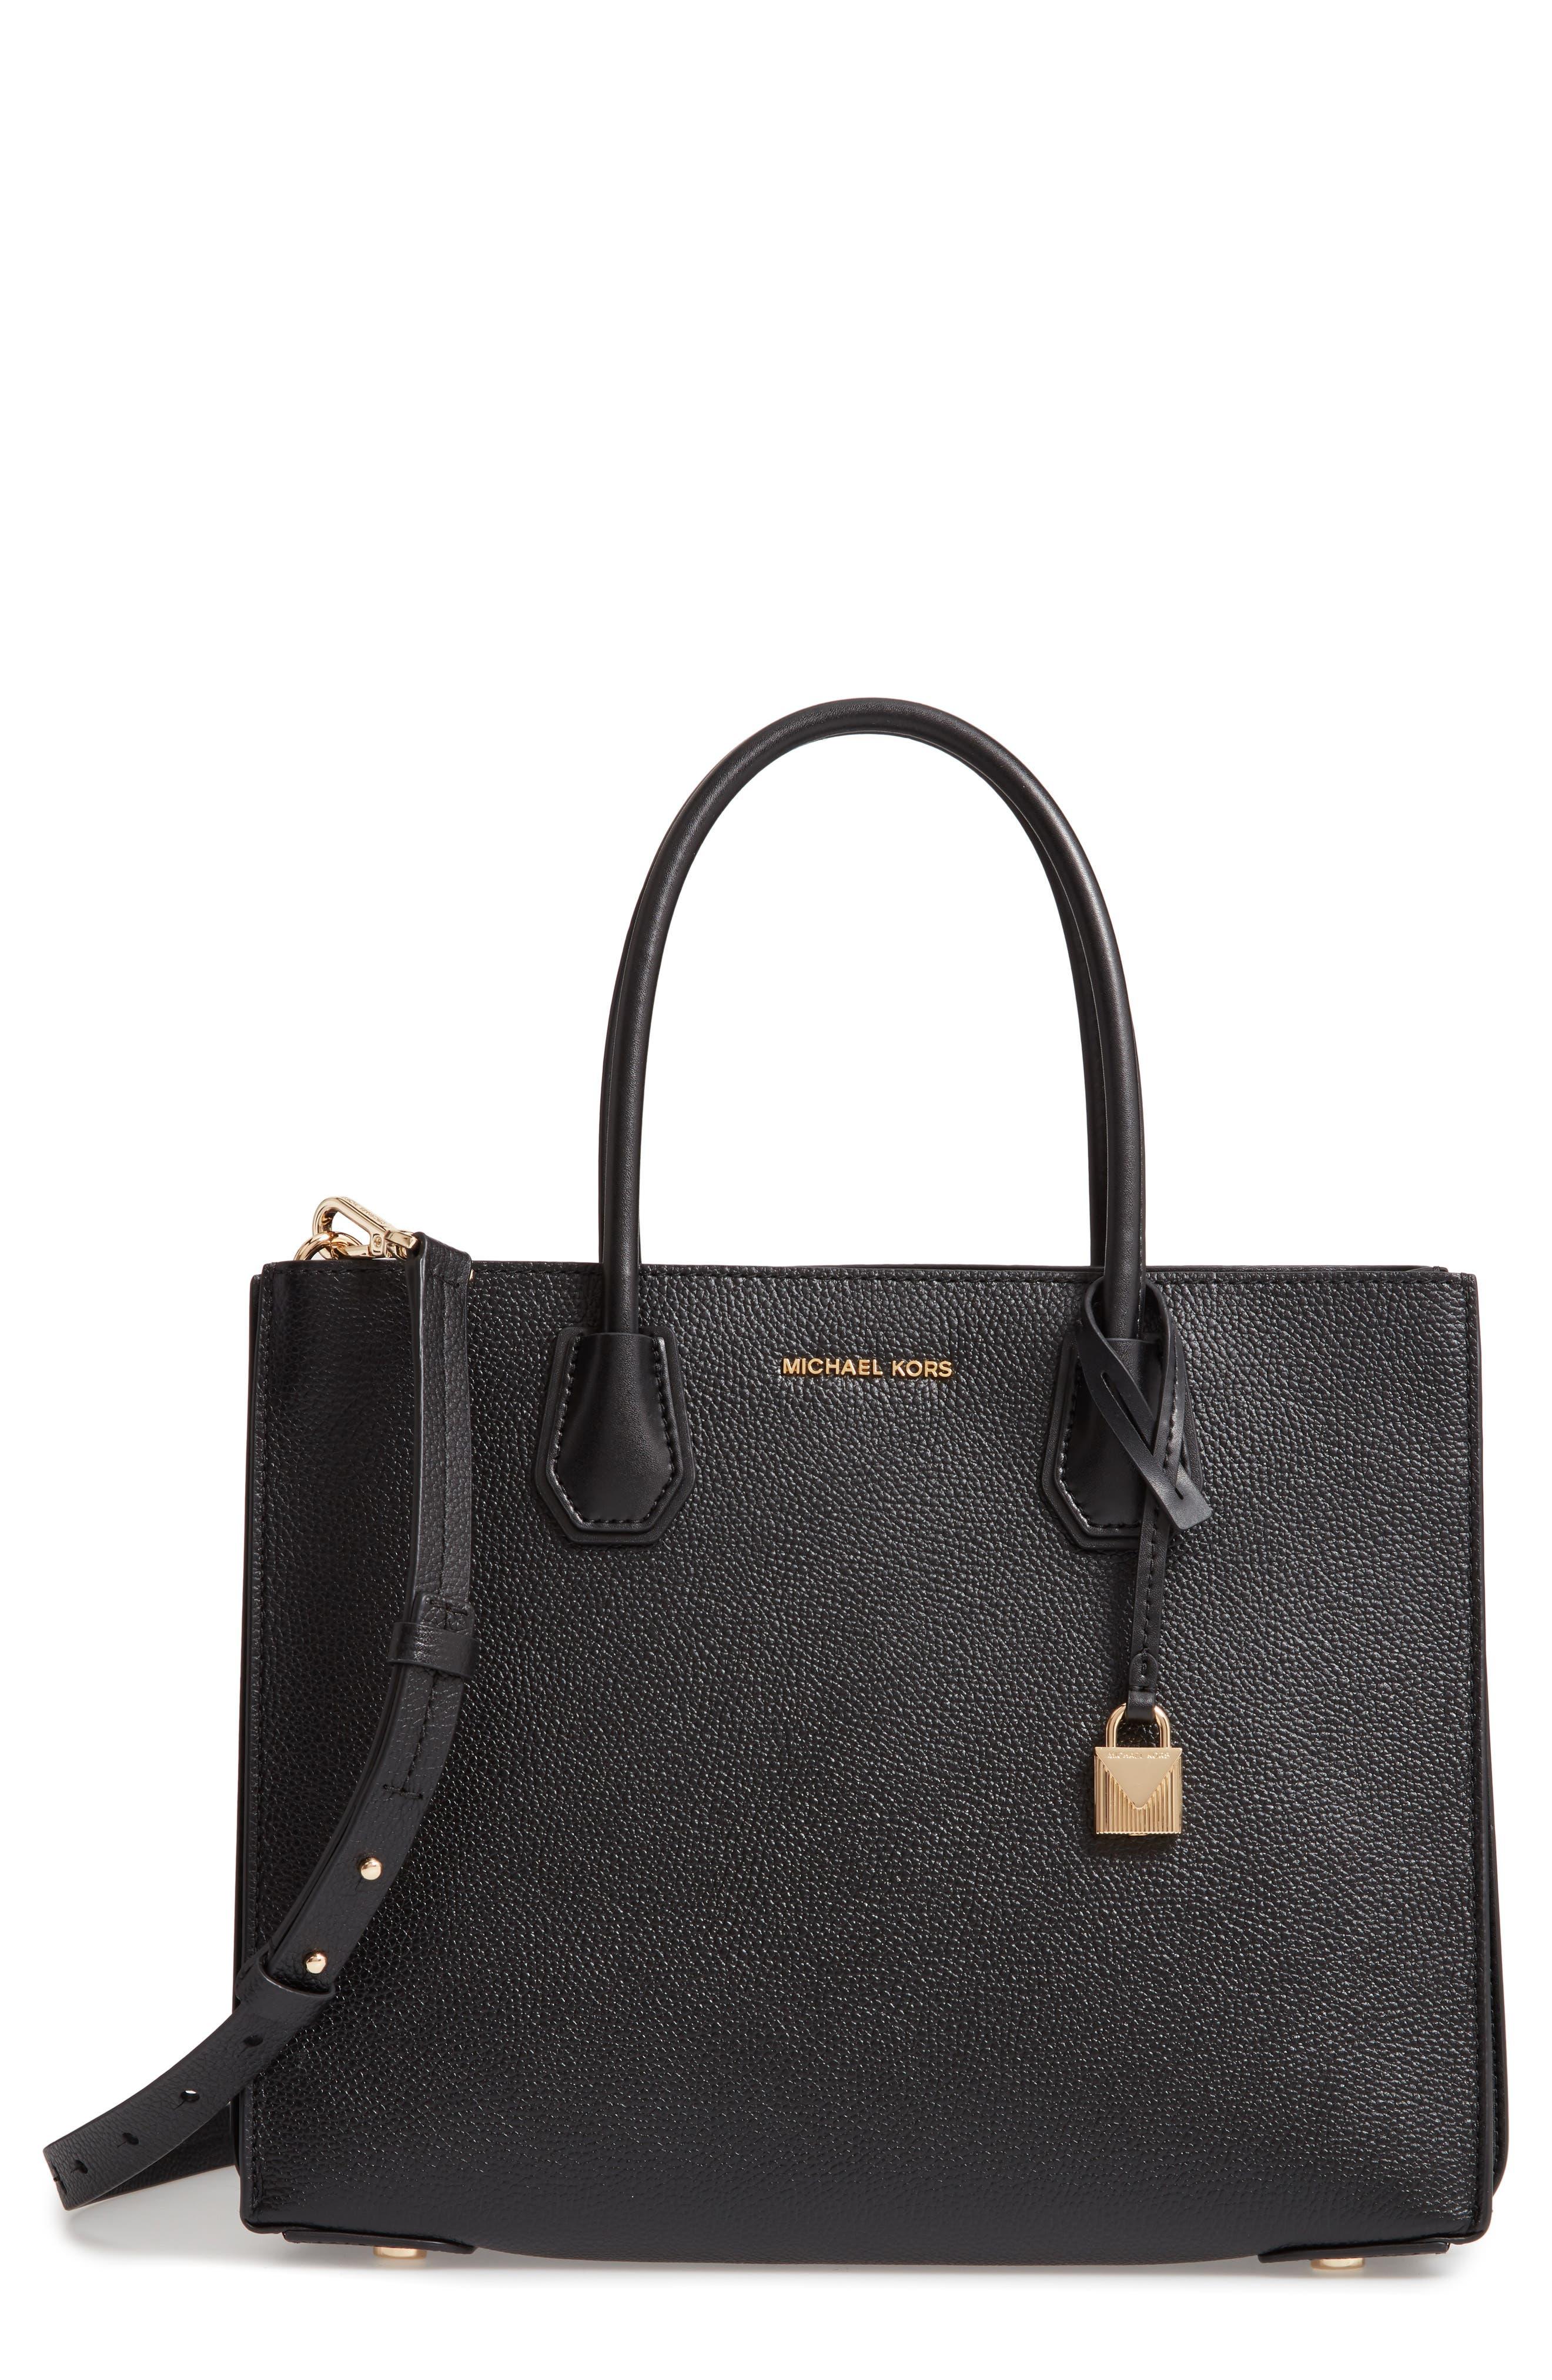 michael kors handbags nordstrom rh shop nordstrom com